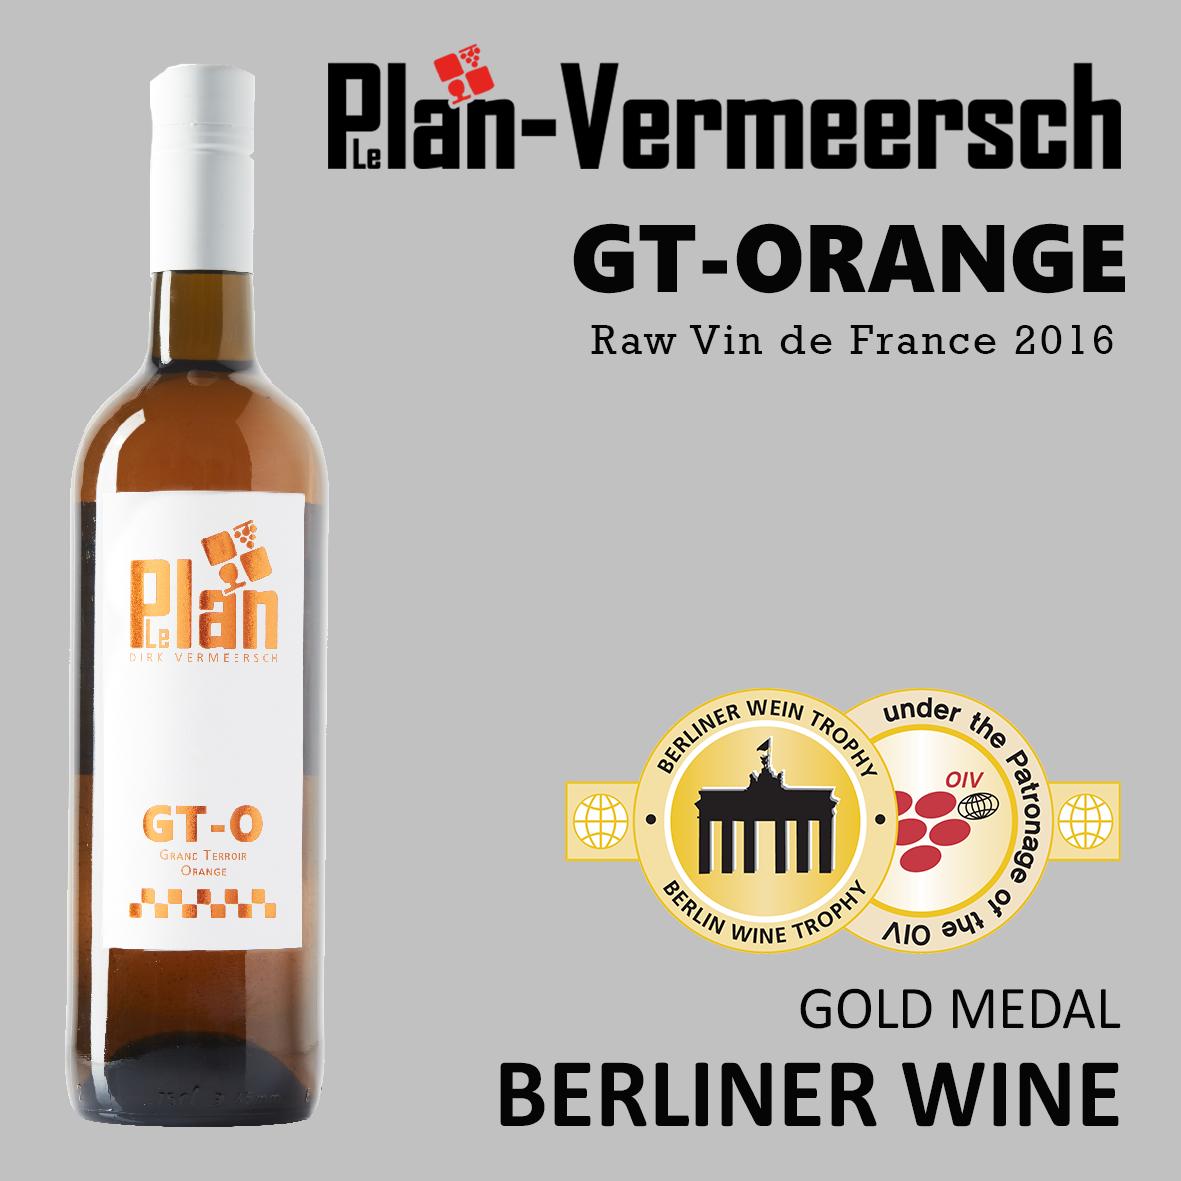 Bottle wine GT-ORANGE Vin de France DF LePlan-Vermeersch